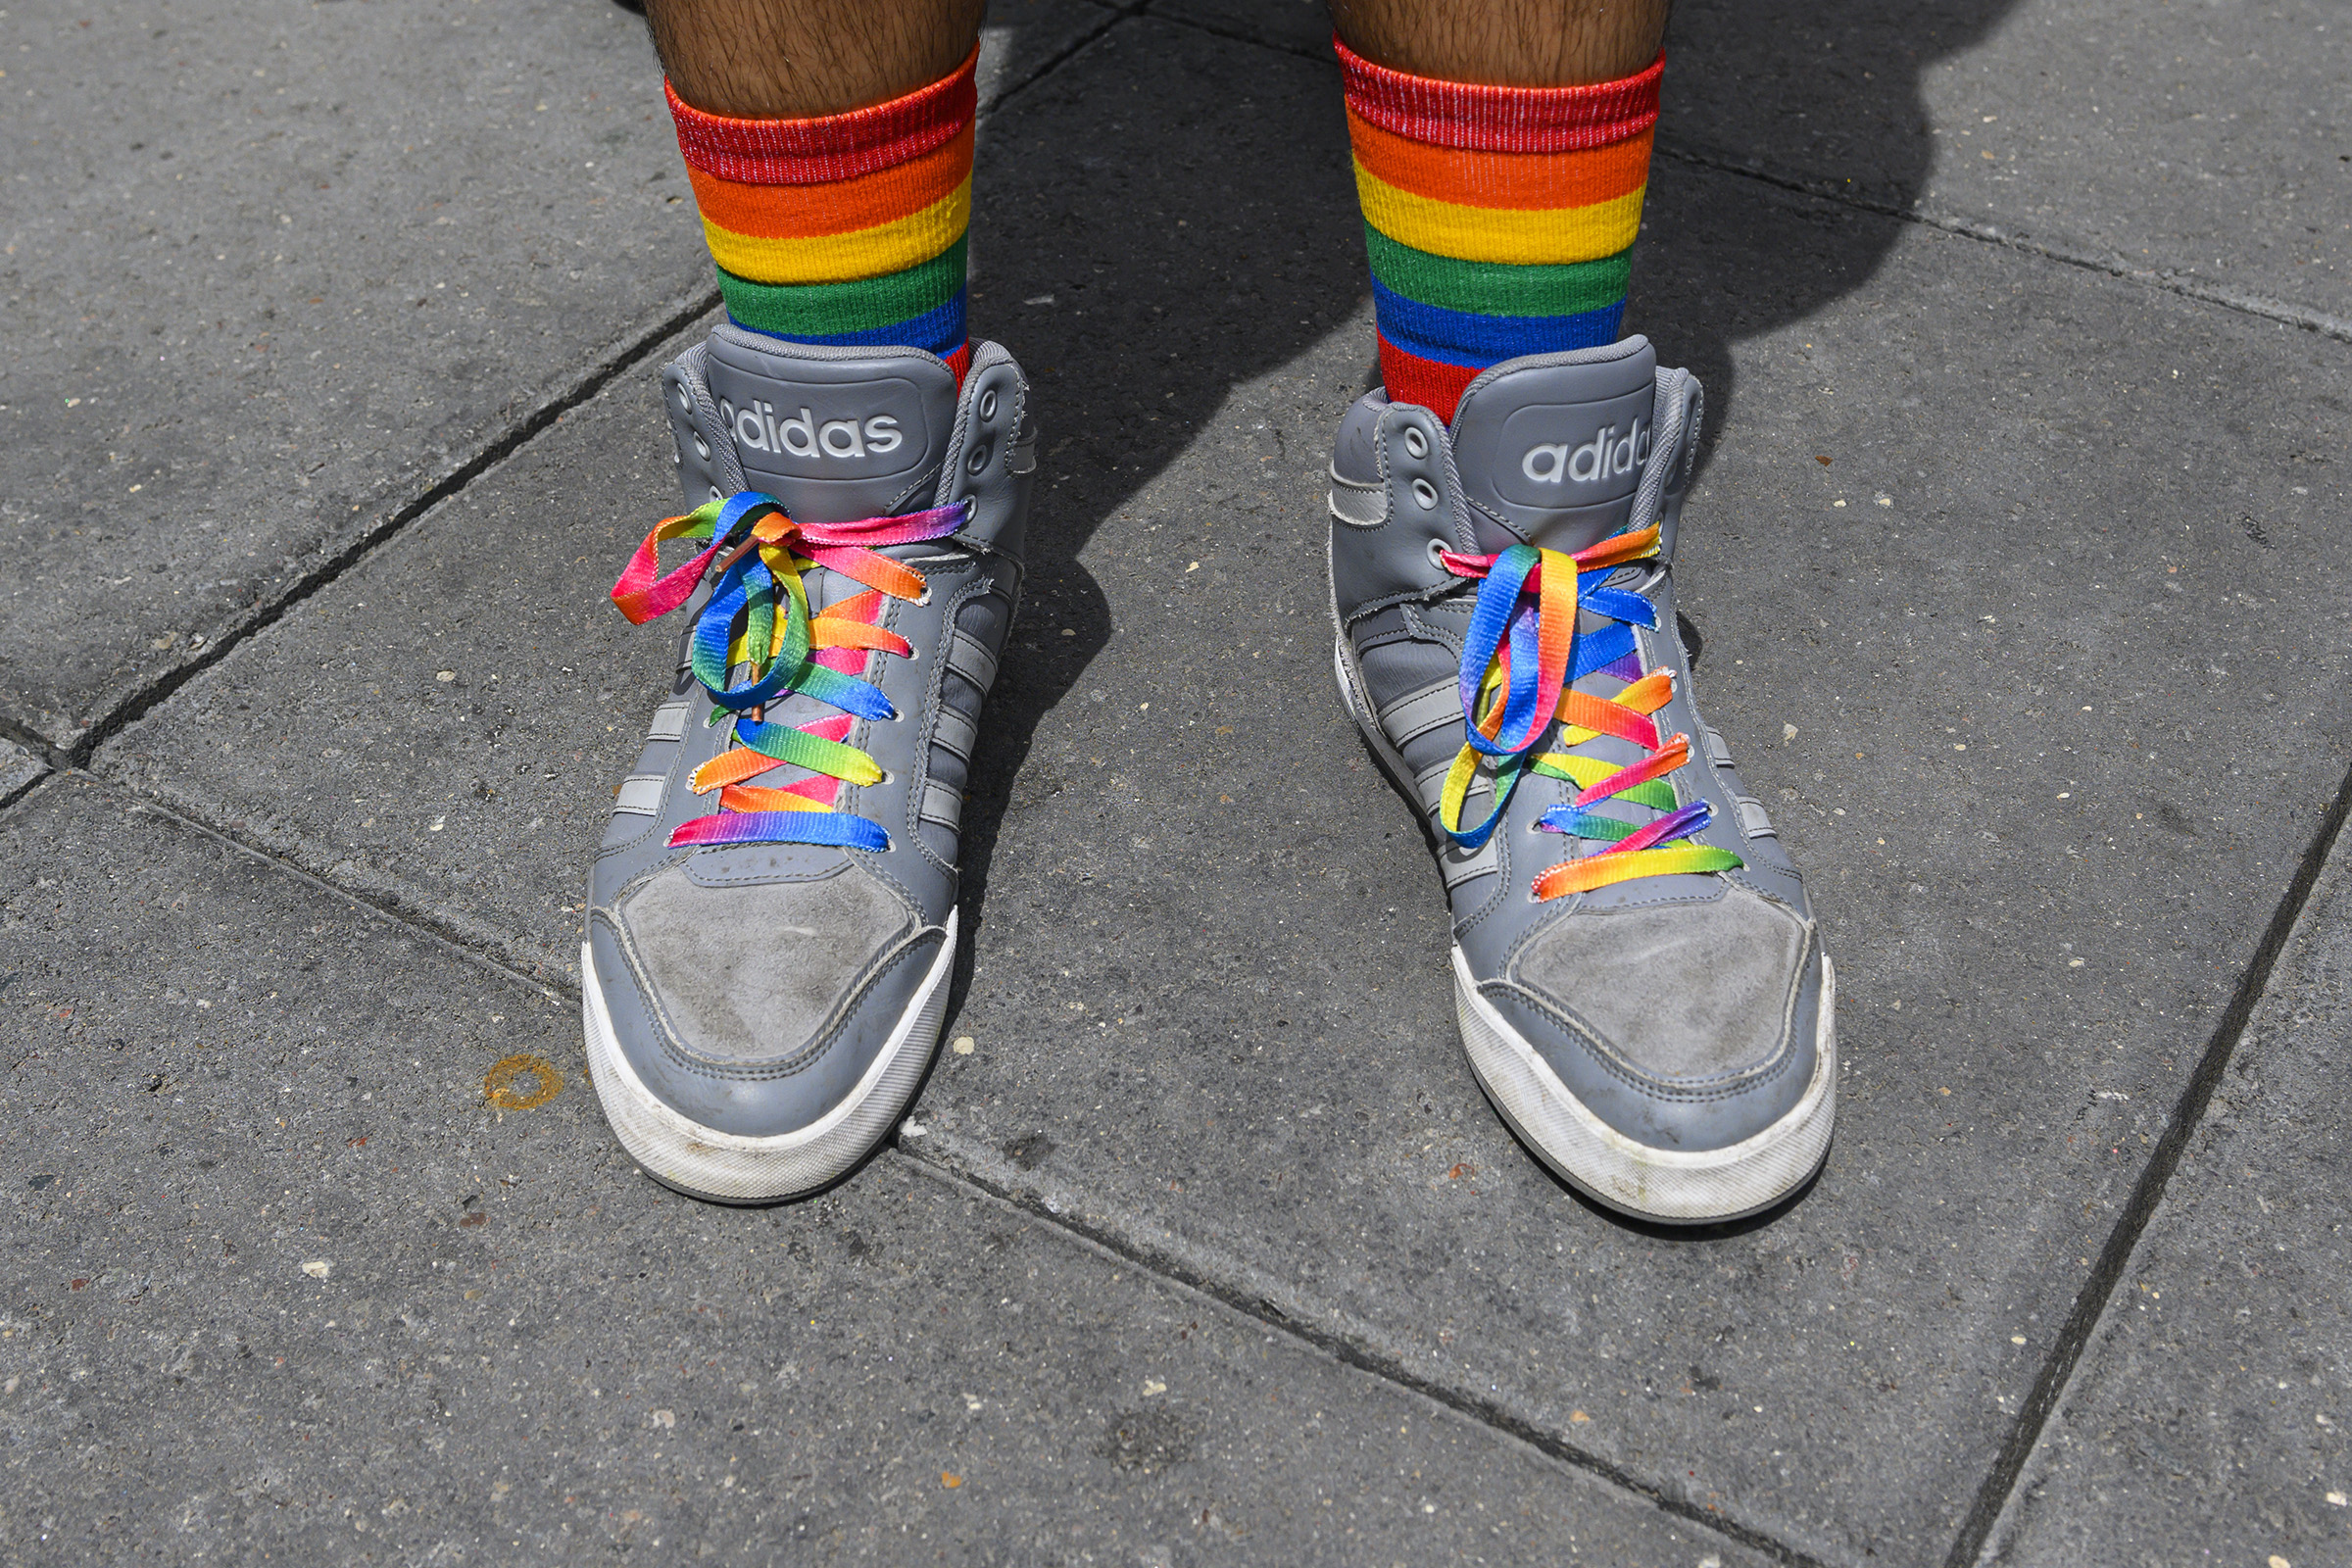 pride013.jpg